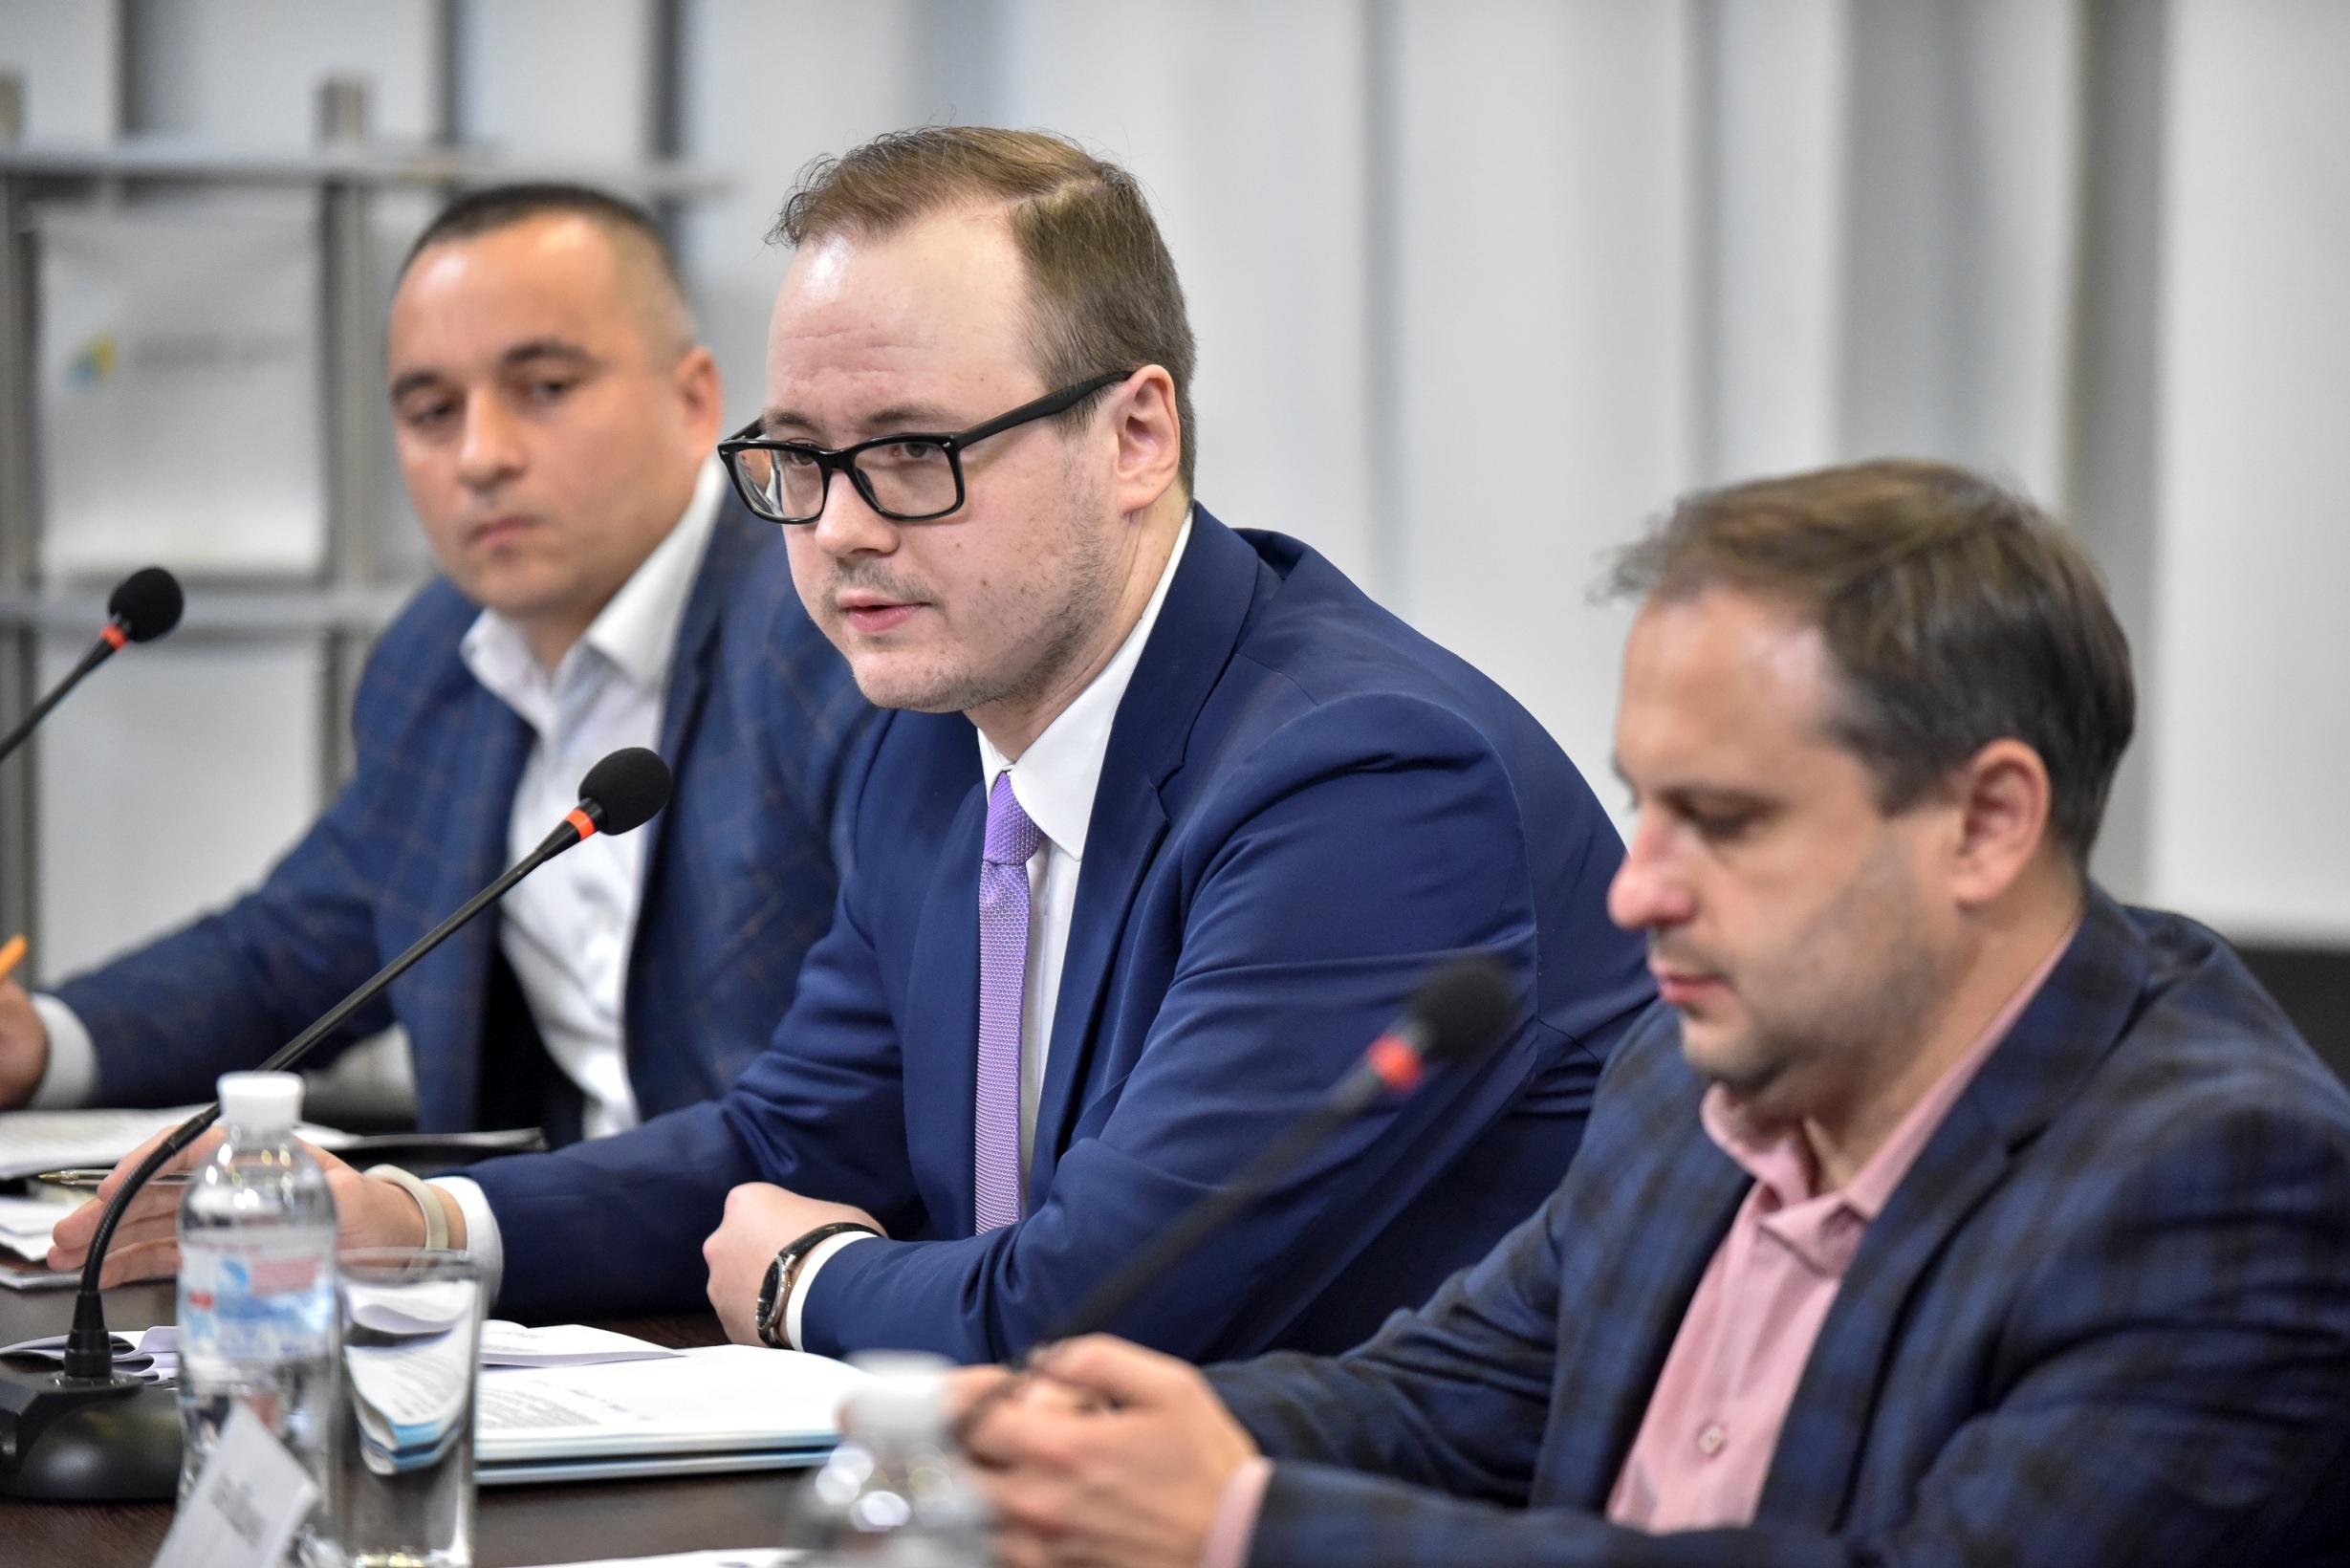 Зліва направо — Дмитро Сірак, Михайло Каменєв та Іван Ліщина. Фото: Український кризовий медіа-центр.